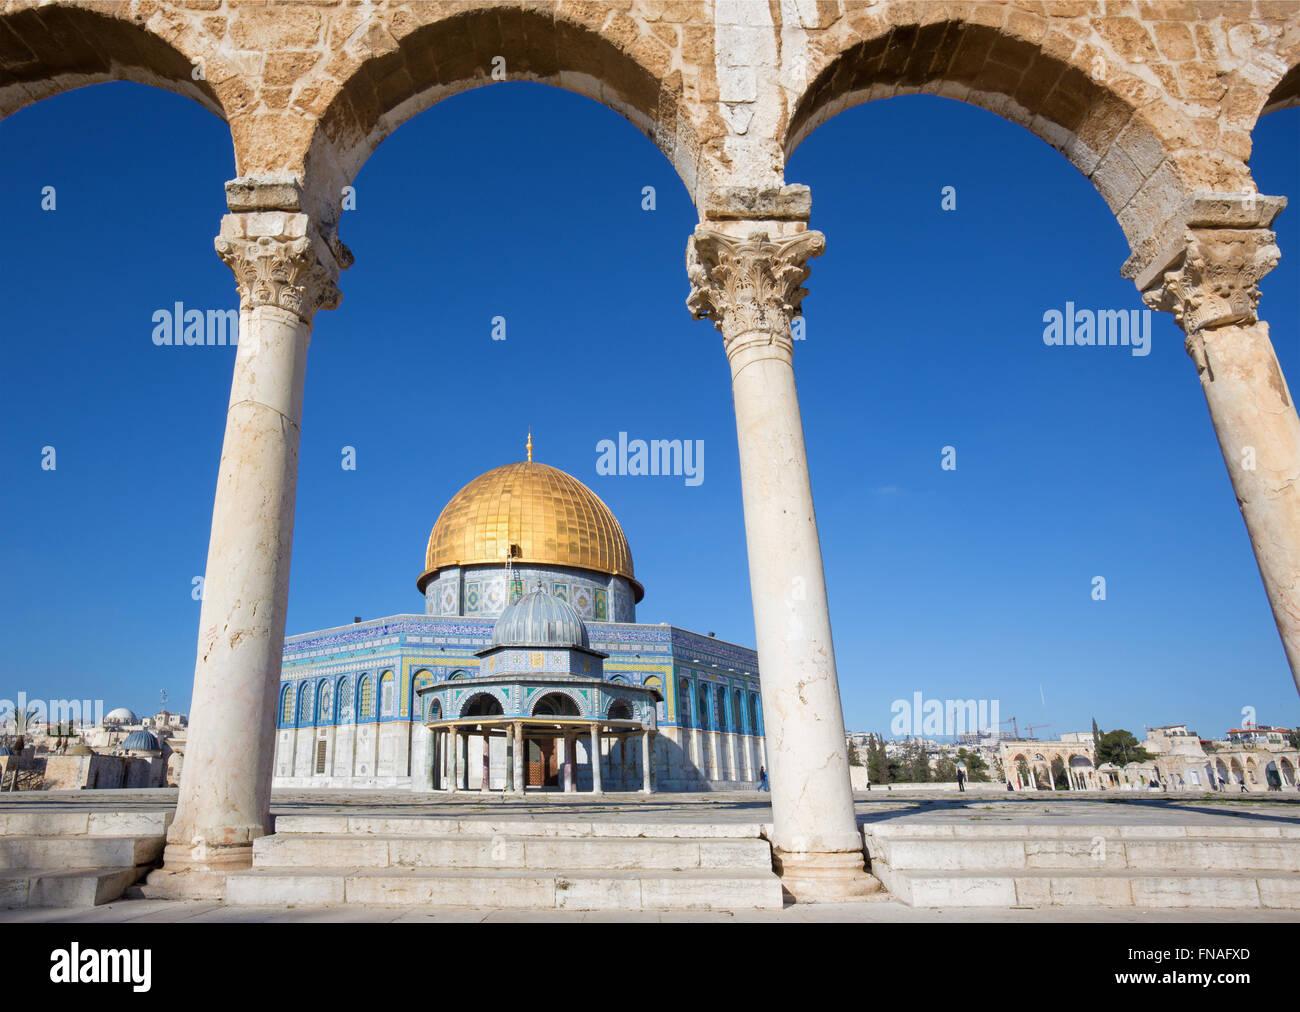 Jerusalén, Israel - Marzo 5, 2015: El Dom de la roca en el Monte del Templo en la Ciudad Vieja. Imagen De Stock